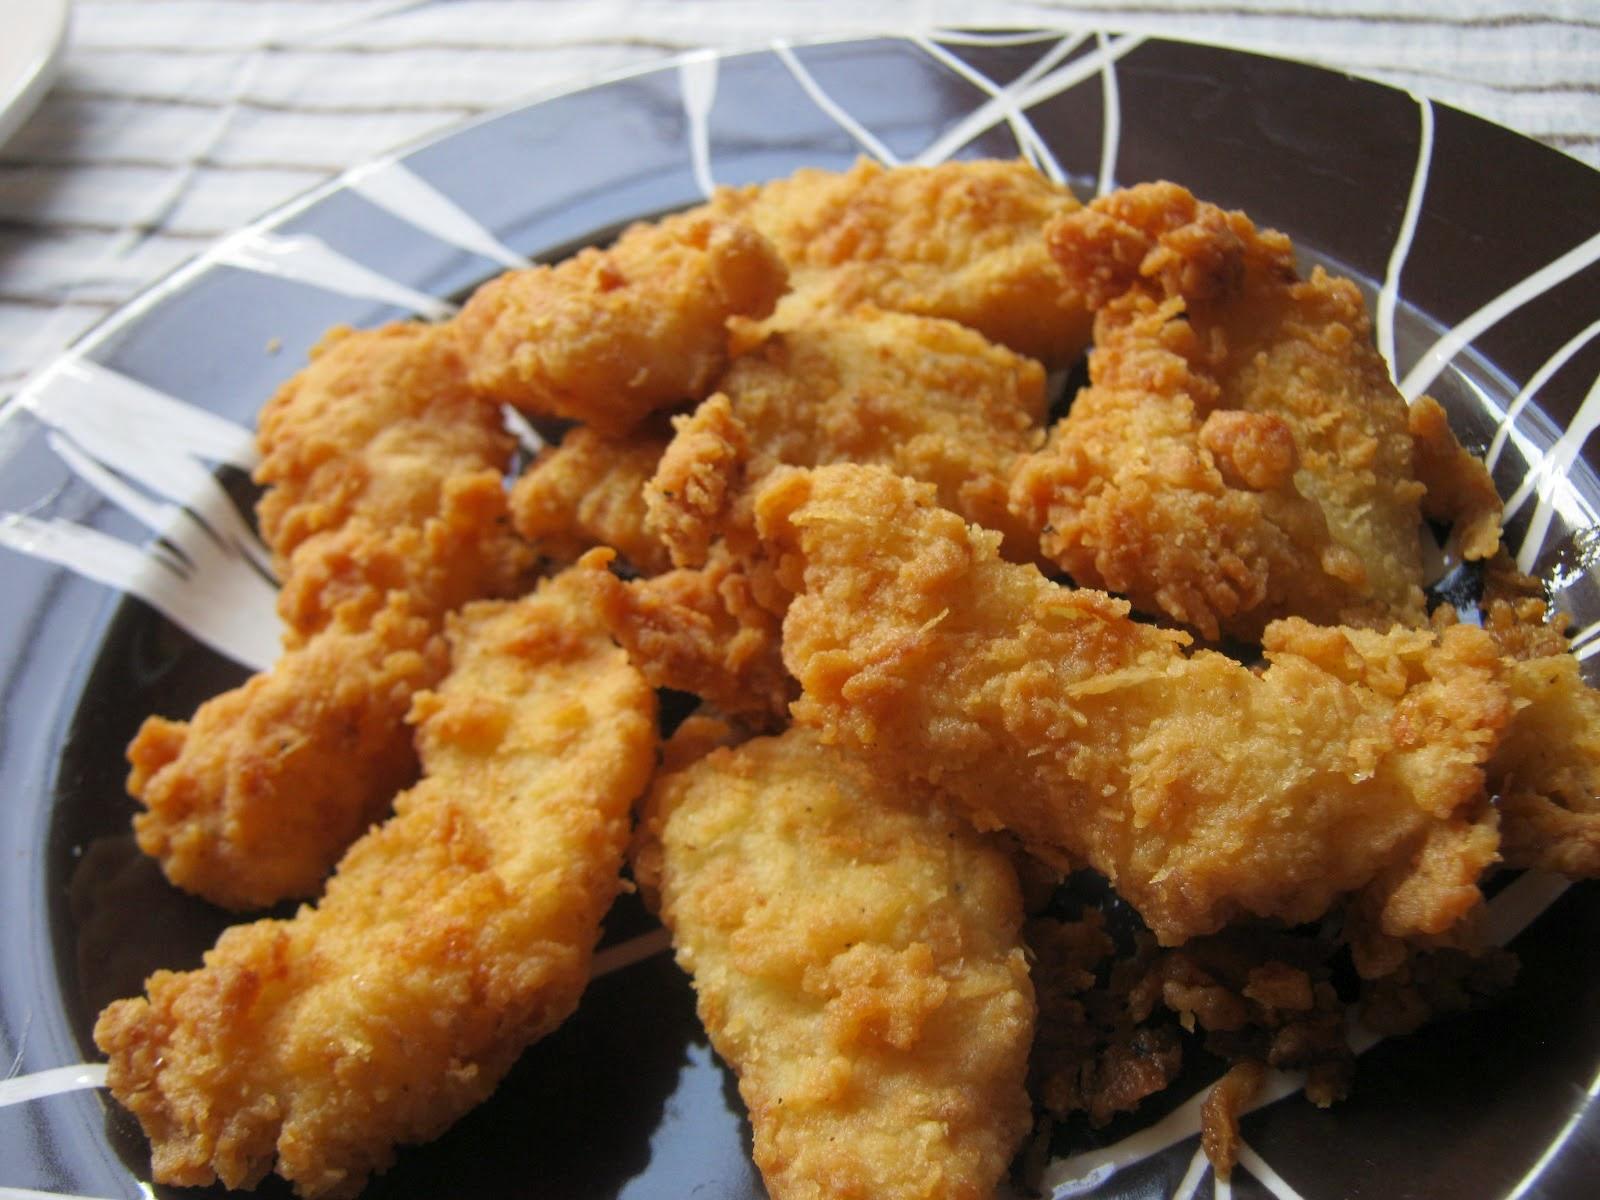 Resep memasak gurame goreng tepung renyah